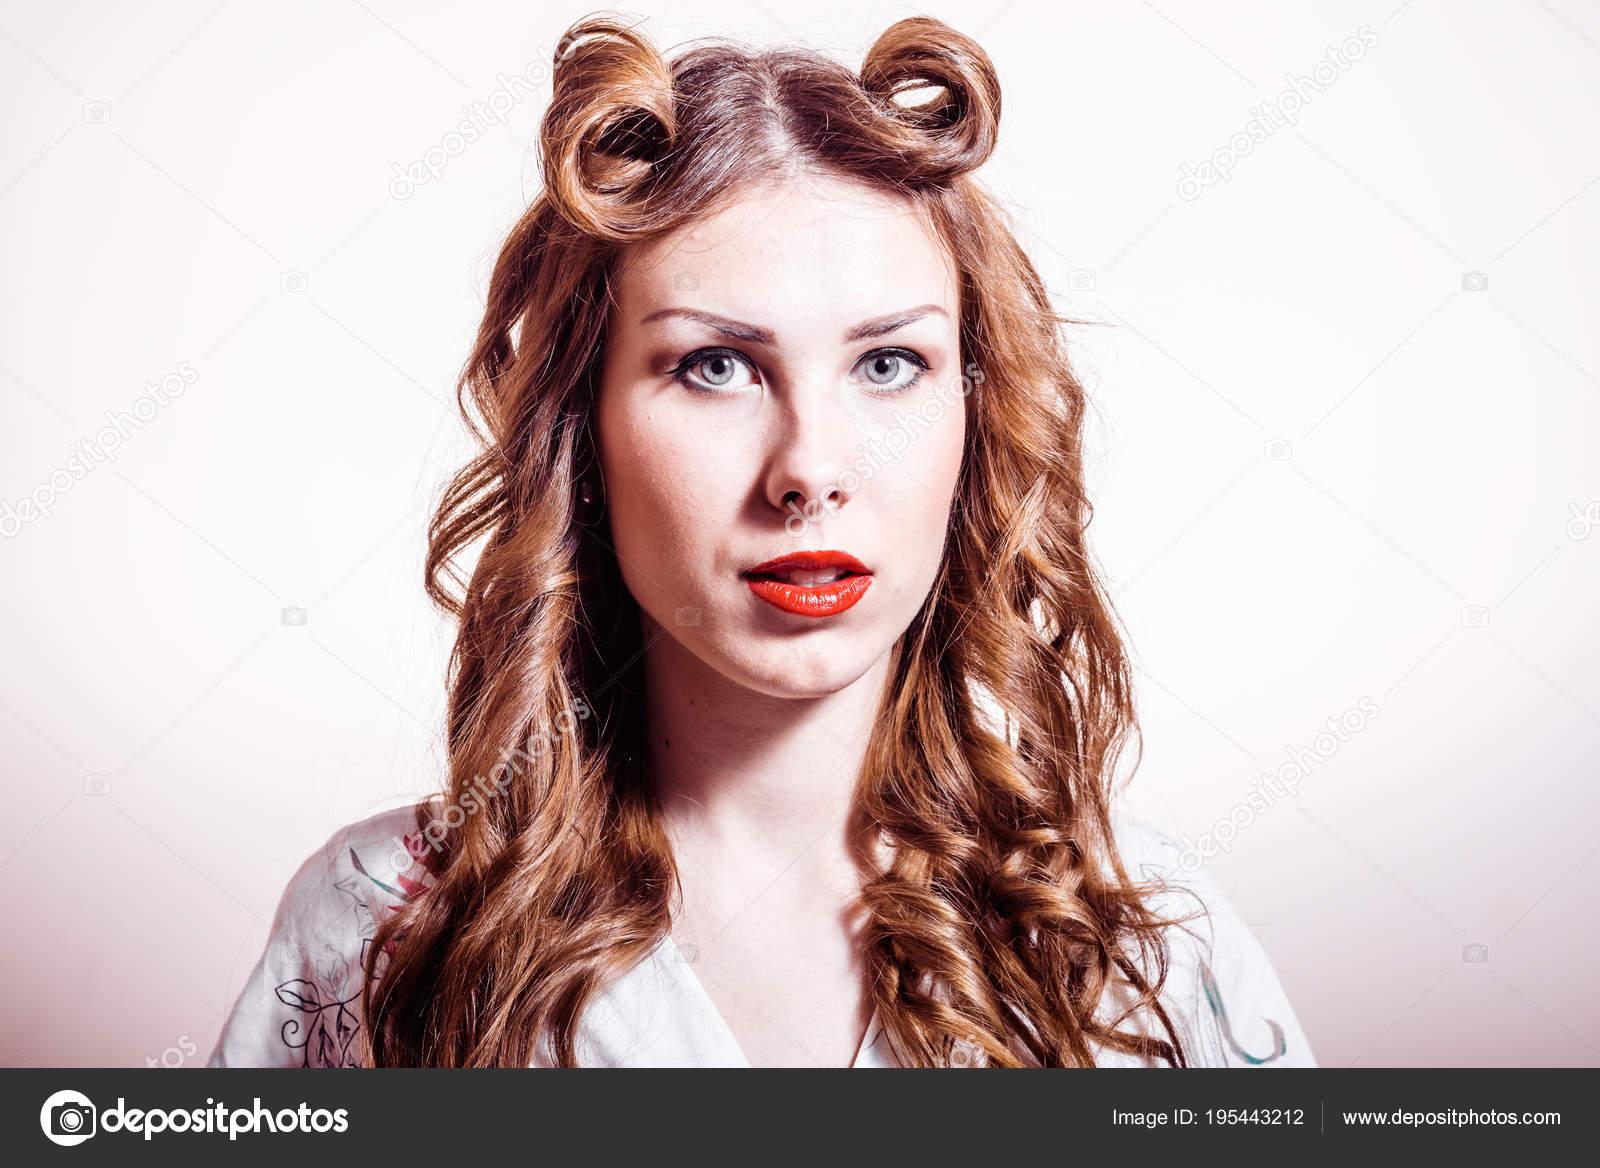 Cute Blonde 50er Jahre Madchen Mit Sieg Roll Frisur Stockfoto